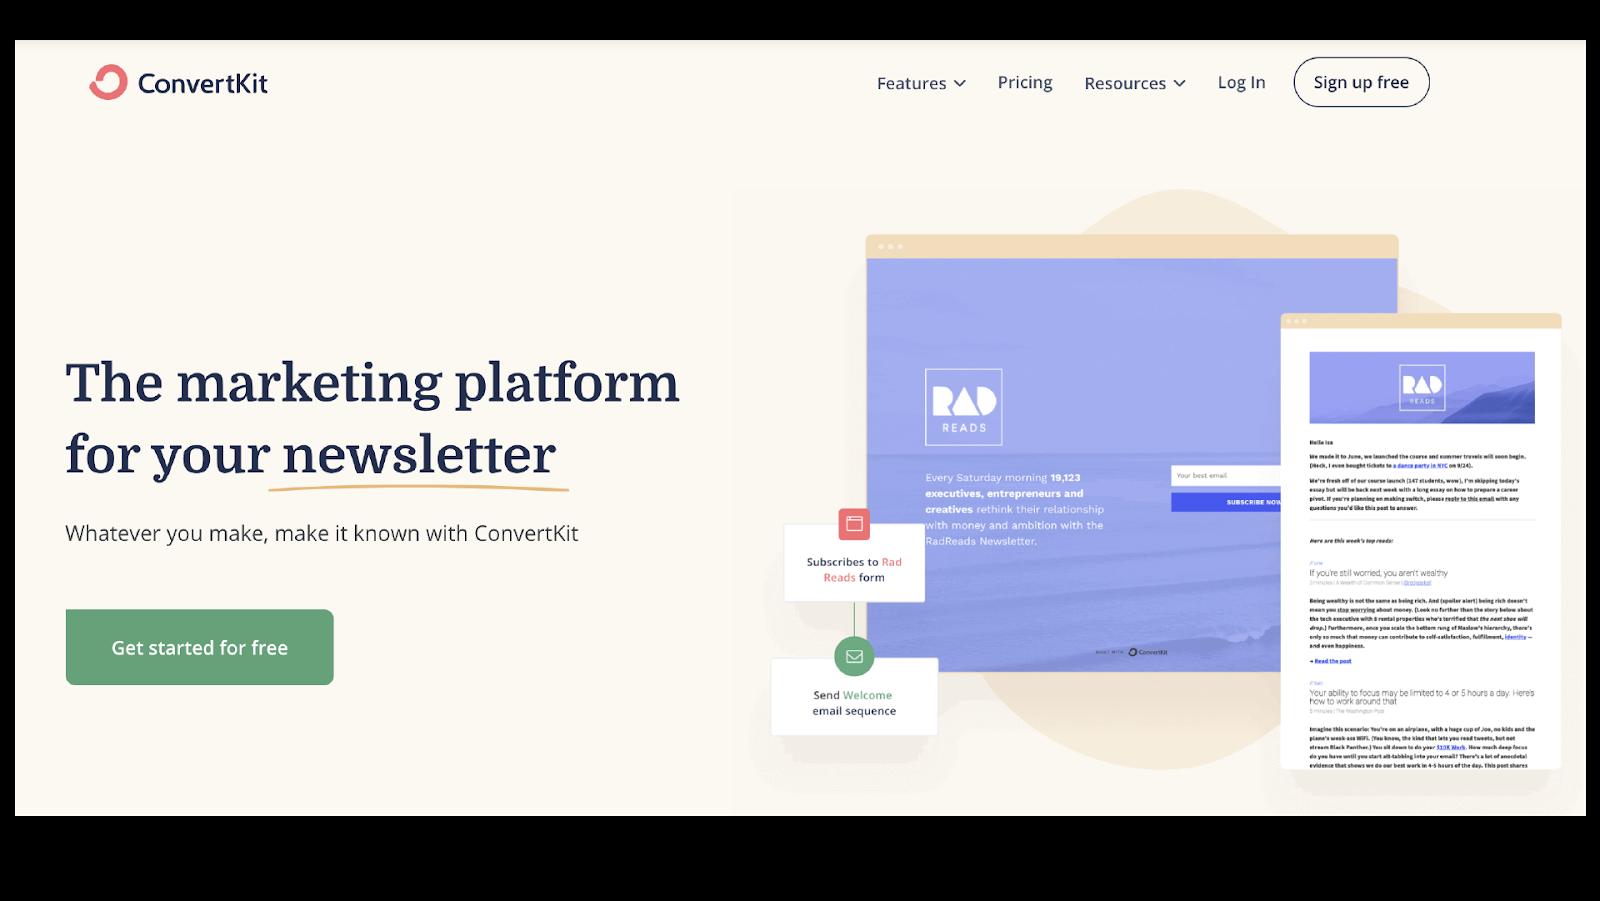 ConvertKit webpage